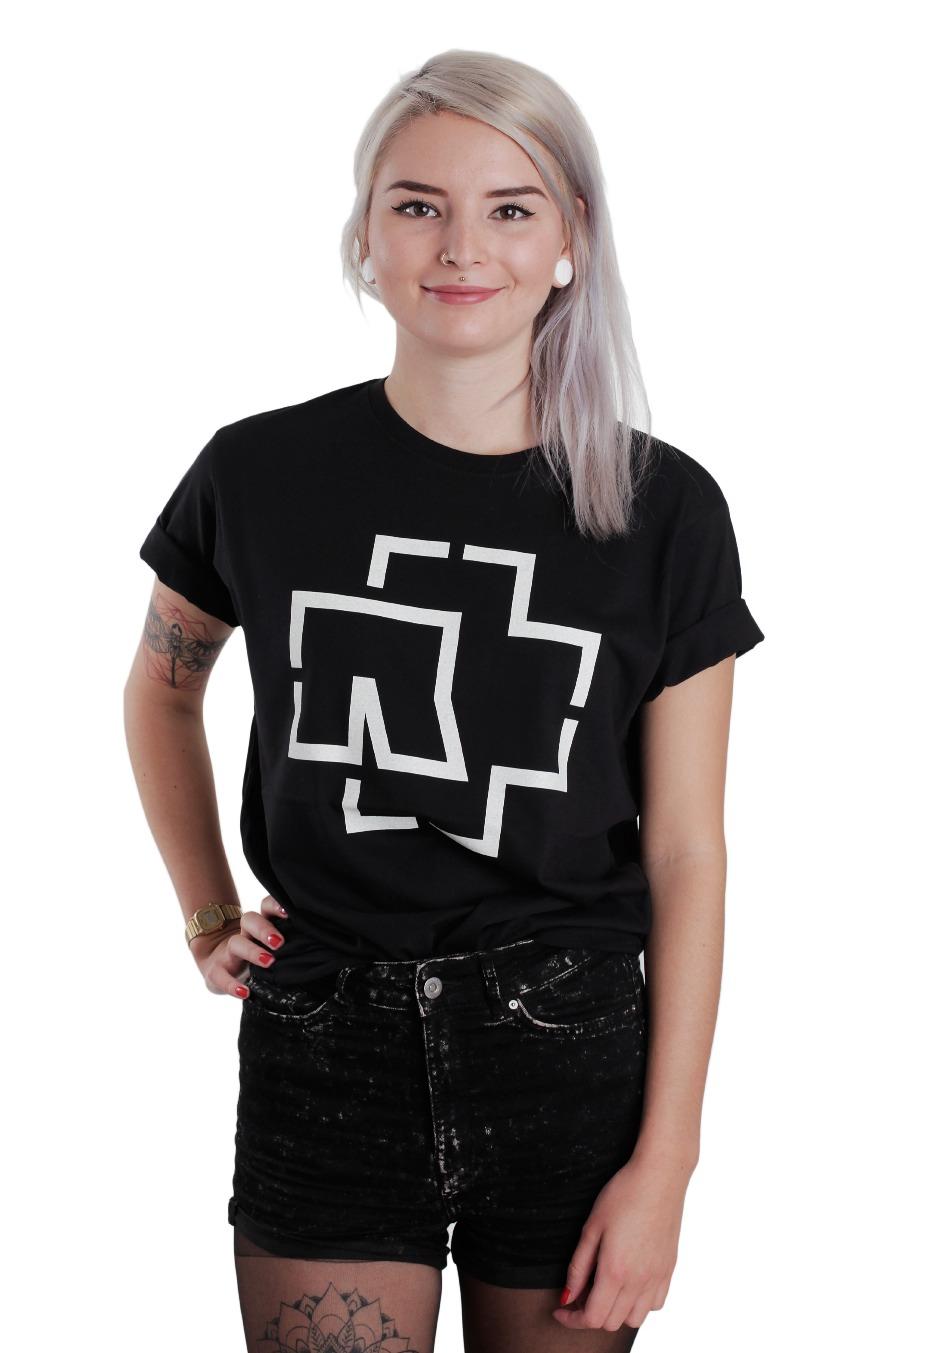 rammstein logo t shirt offizieller metal merchandise shop de. Black Bedroom Furniture Sets. Home Design Ideas